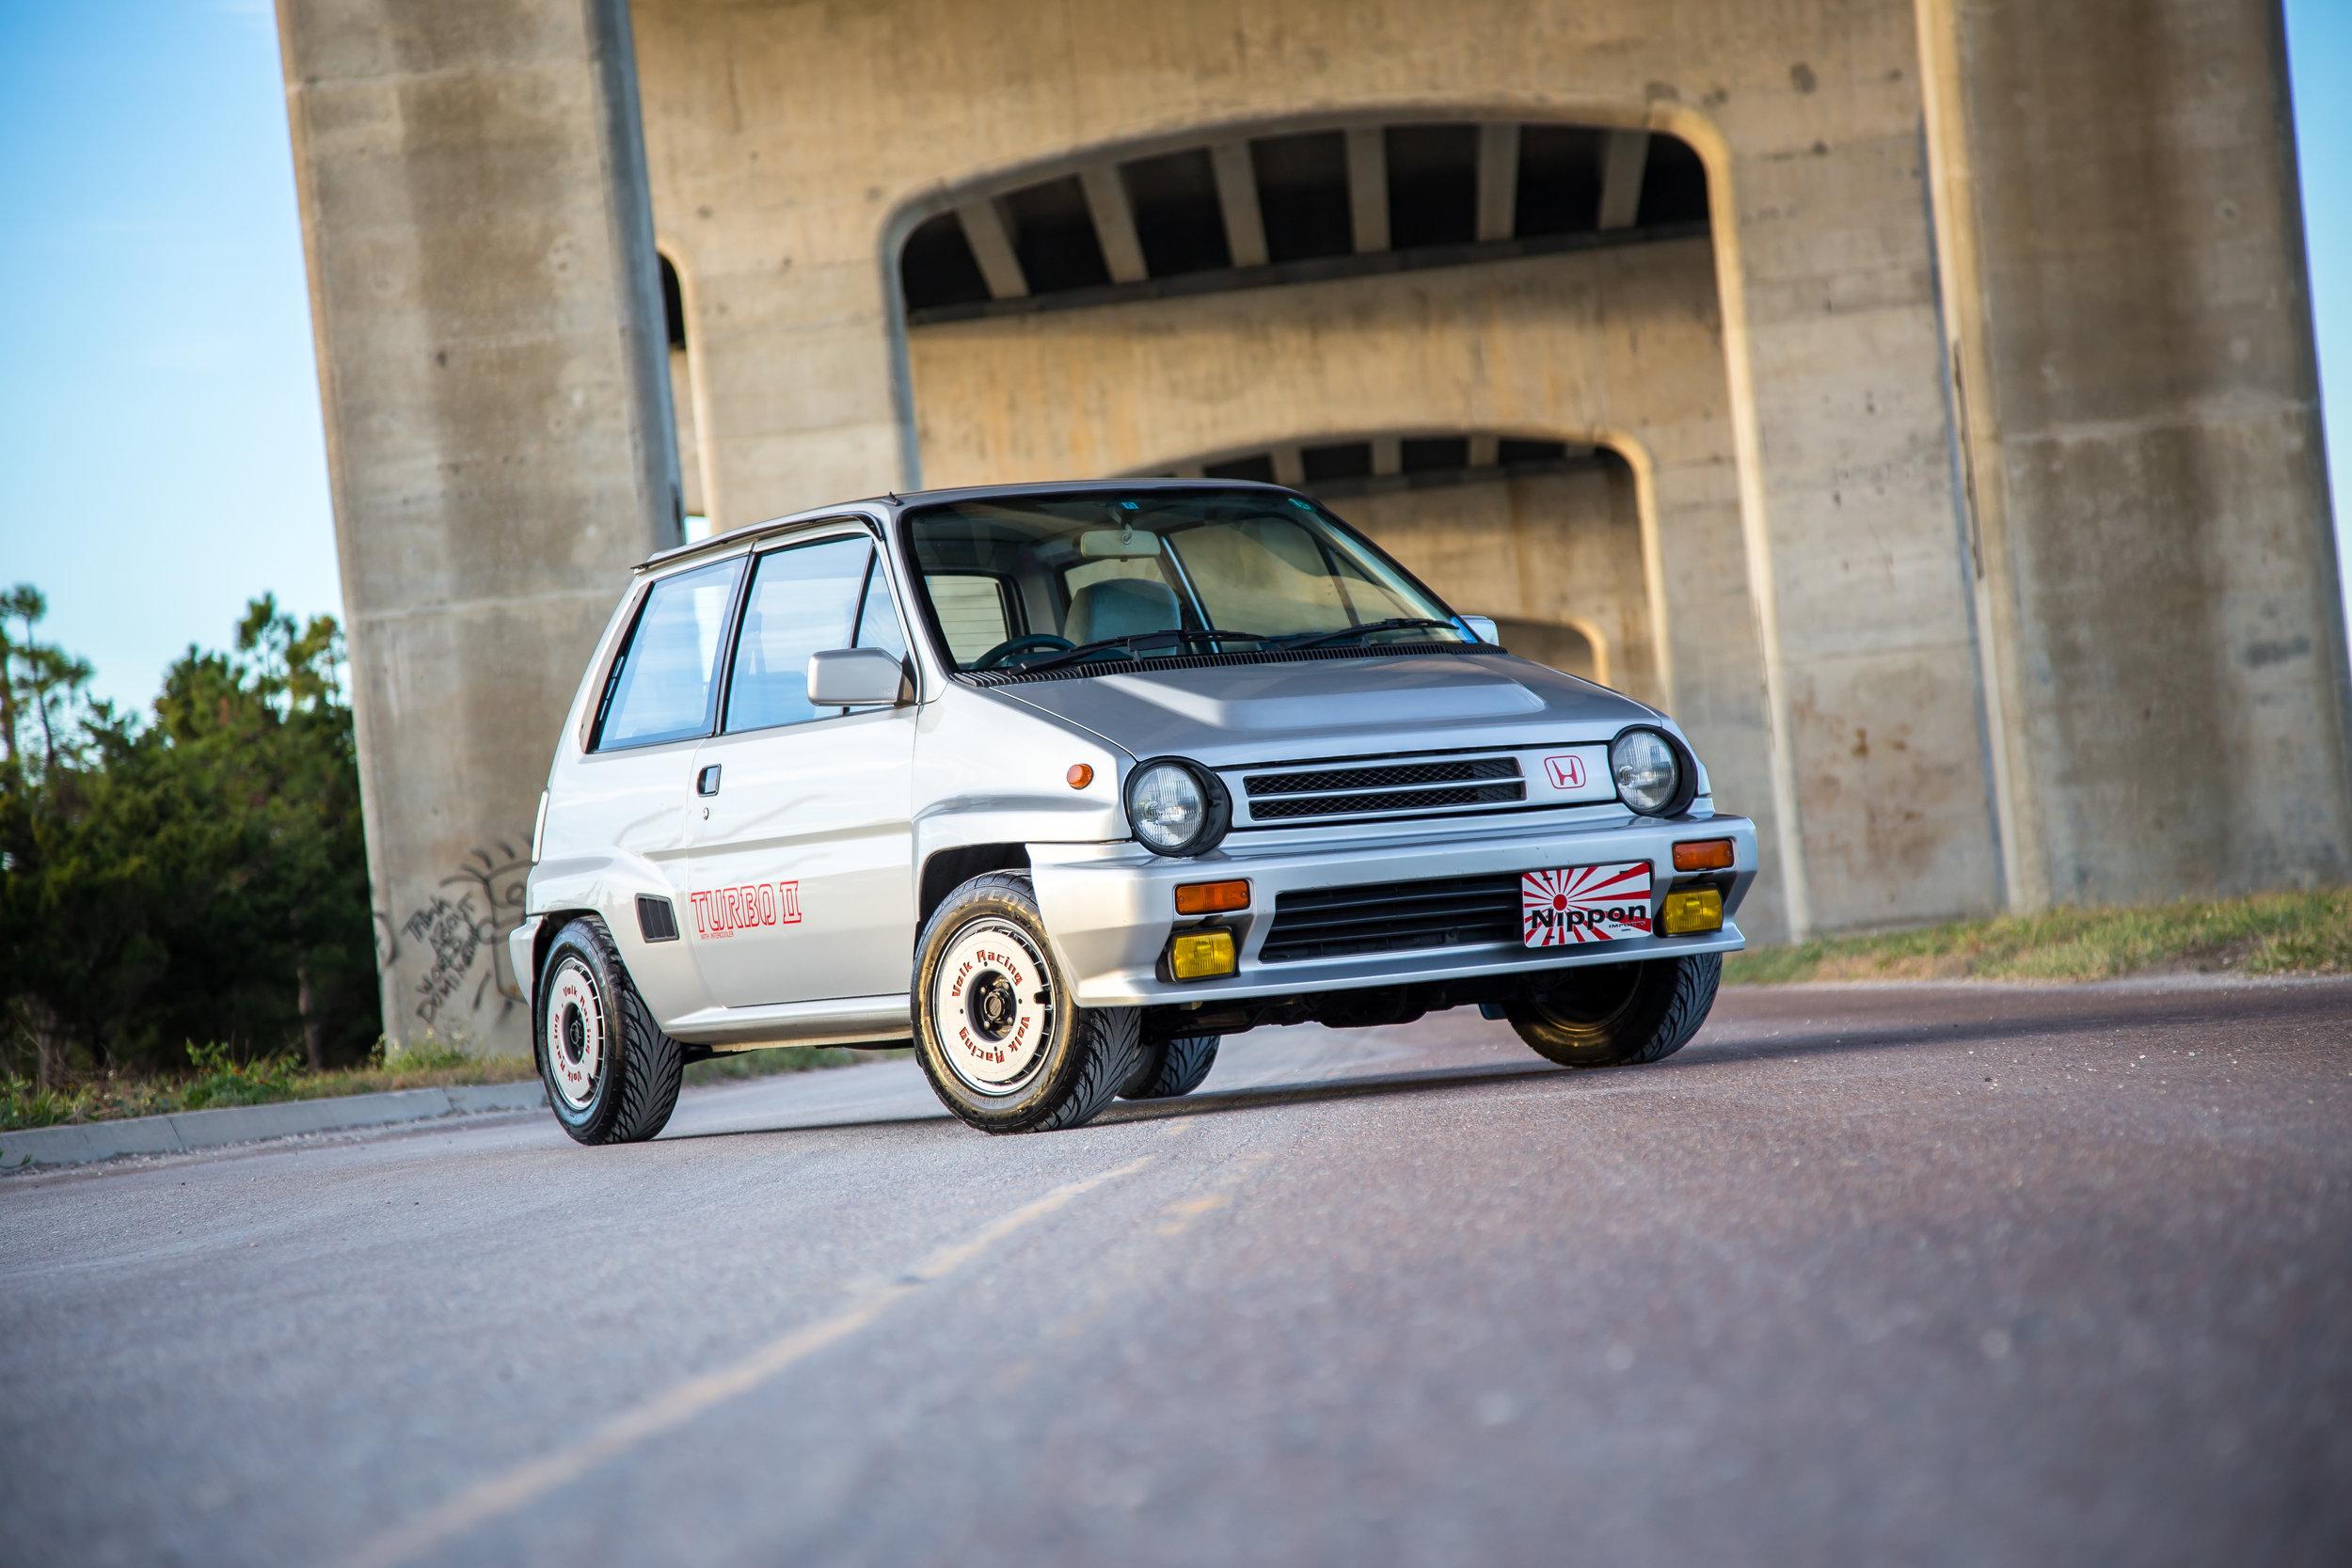 1983-honda-city-turbo-ii--motocompo_32512091388_o.jpg